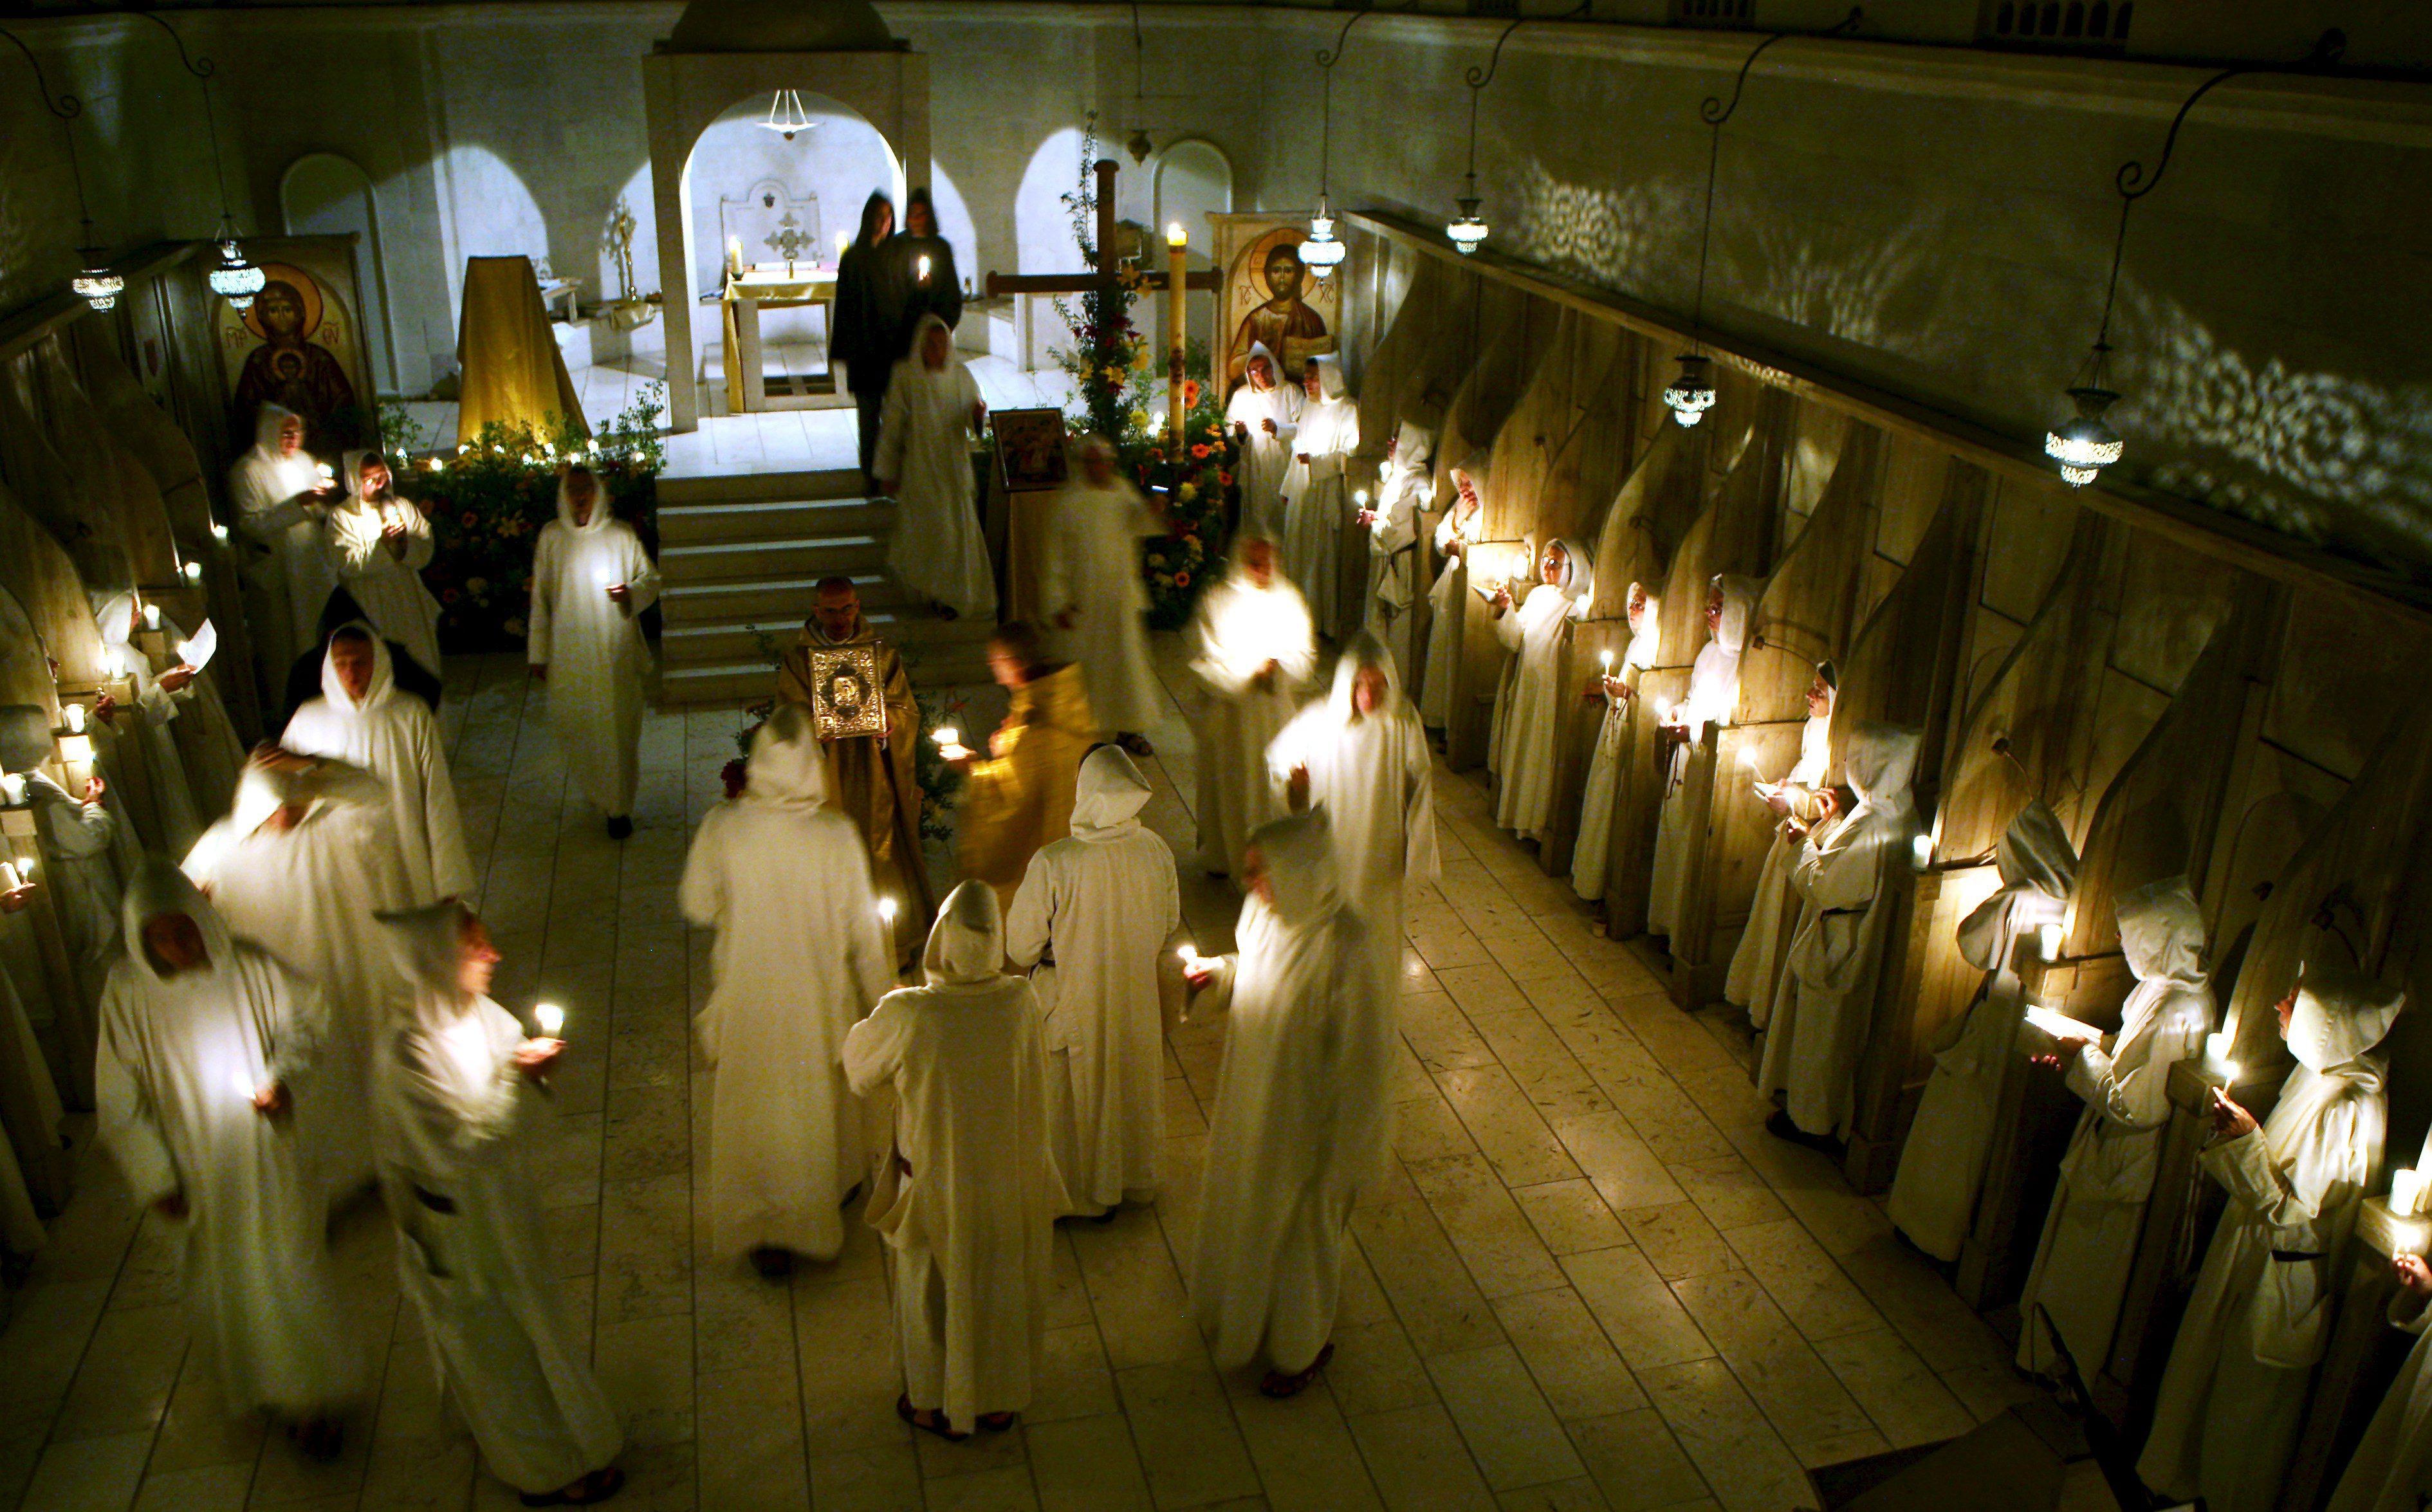 Easter mass celebration in Monastic Family of Bethlehem church in Beit Gemal